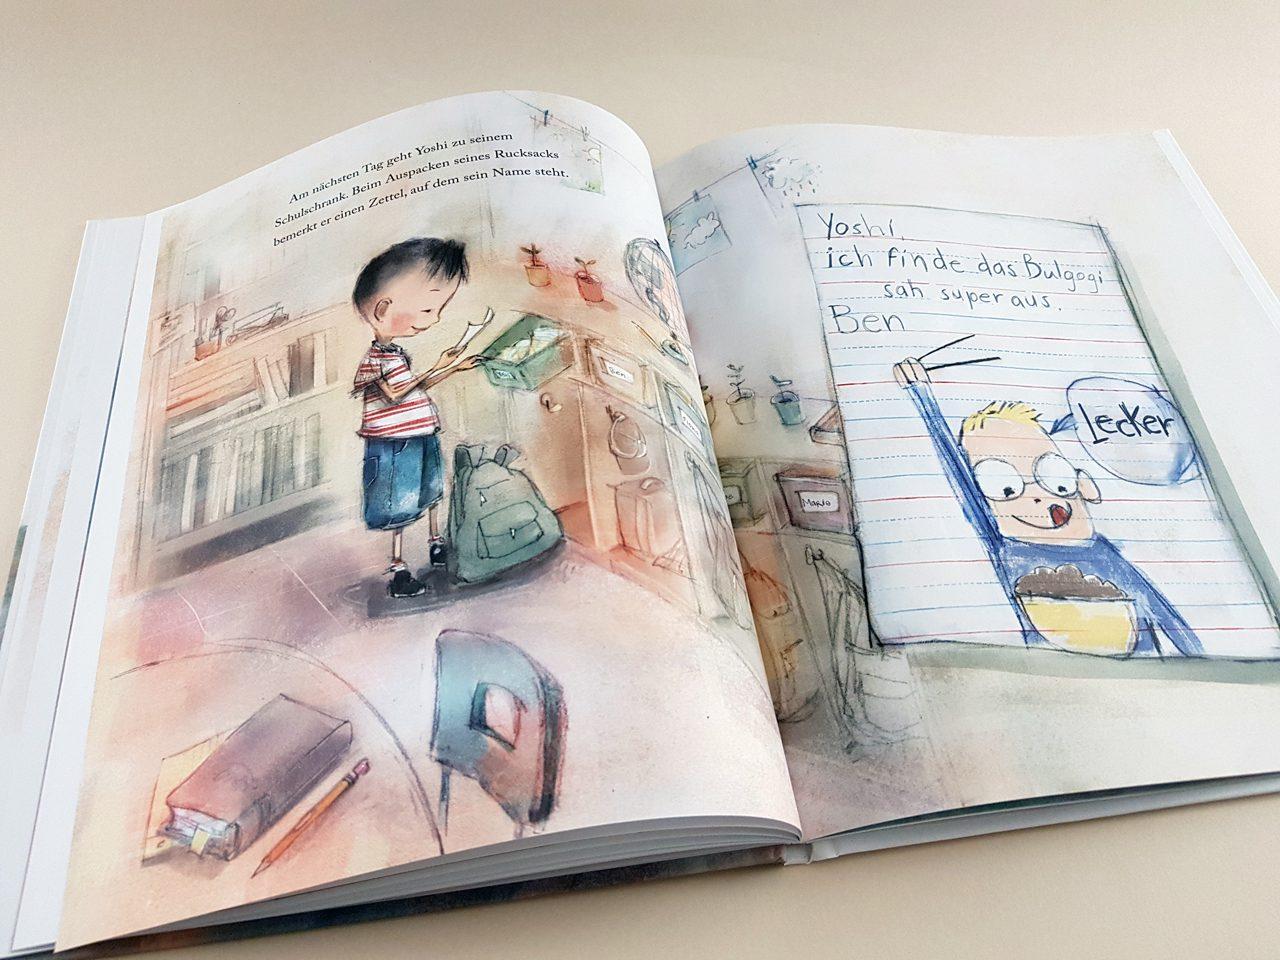 Der unsichtbare Junge Mentor Verlag aufgeschlagenes Kinderbuch